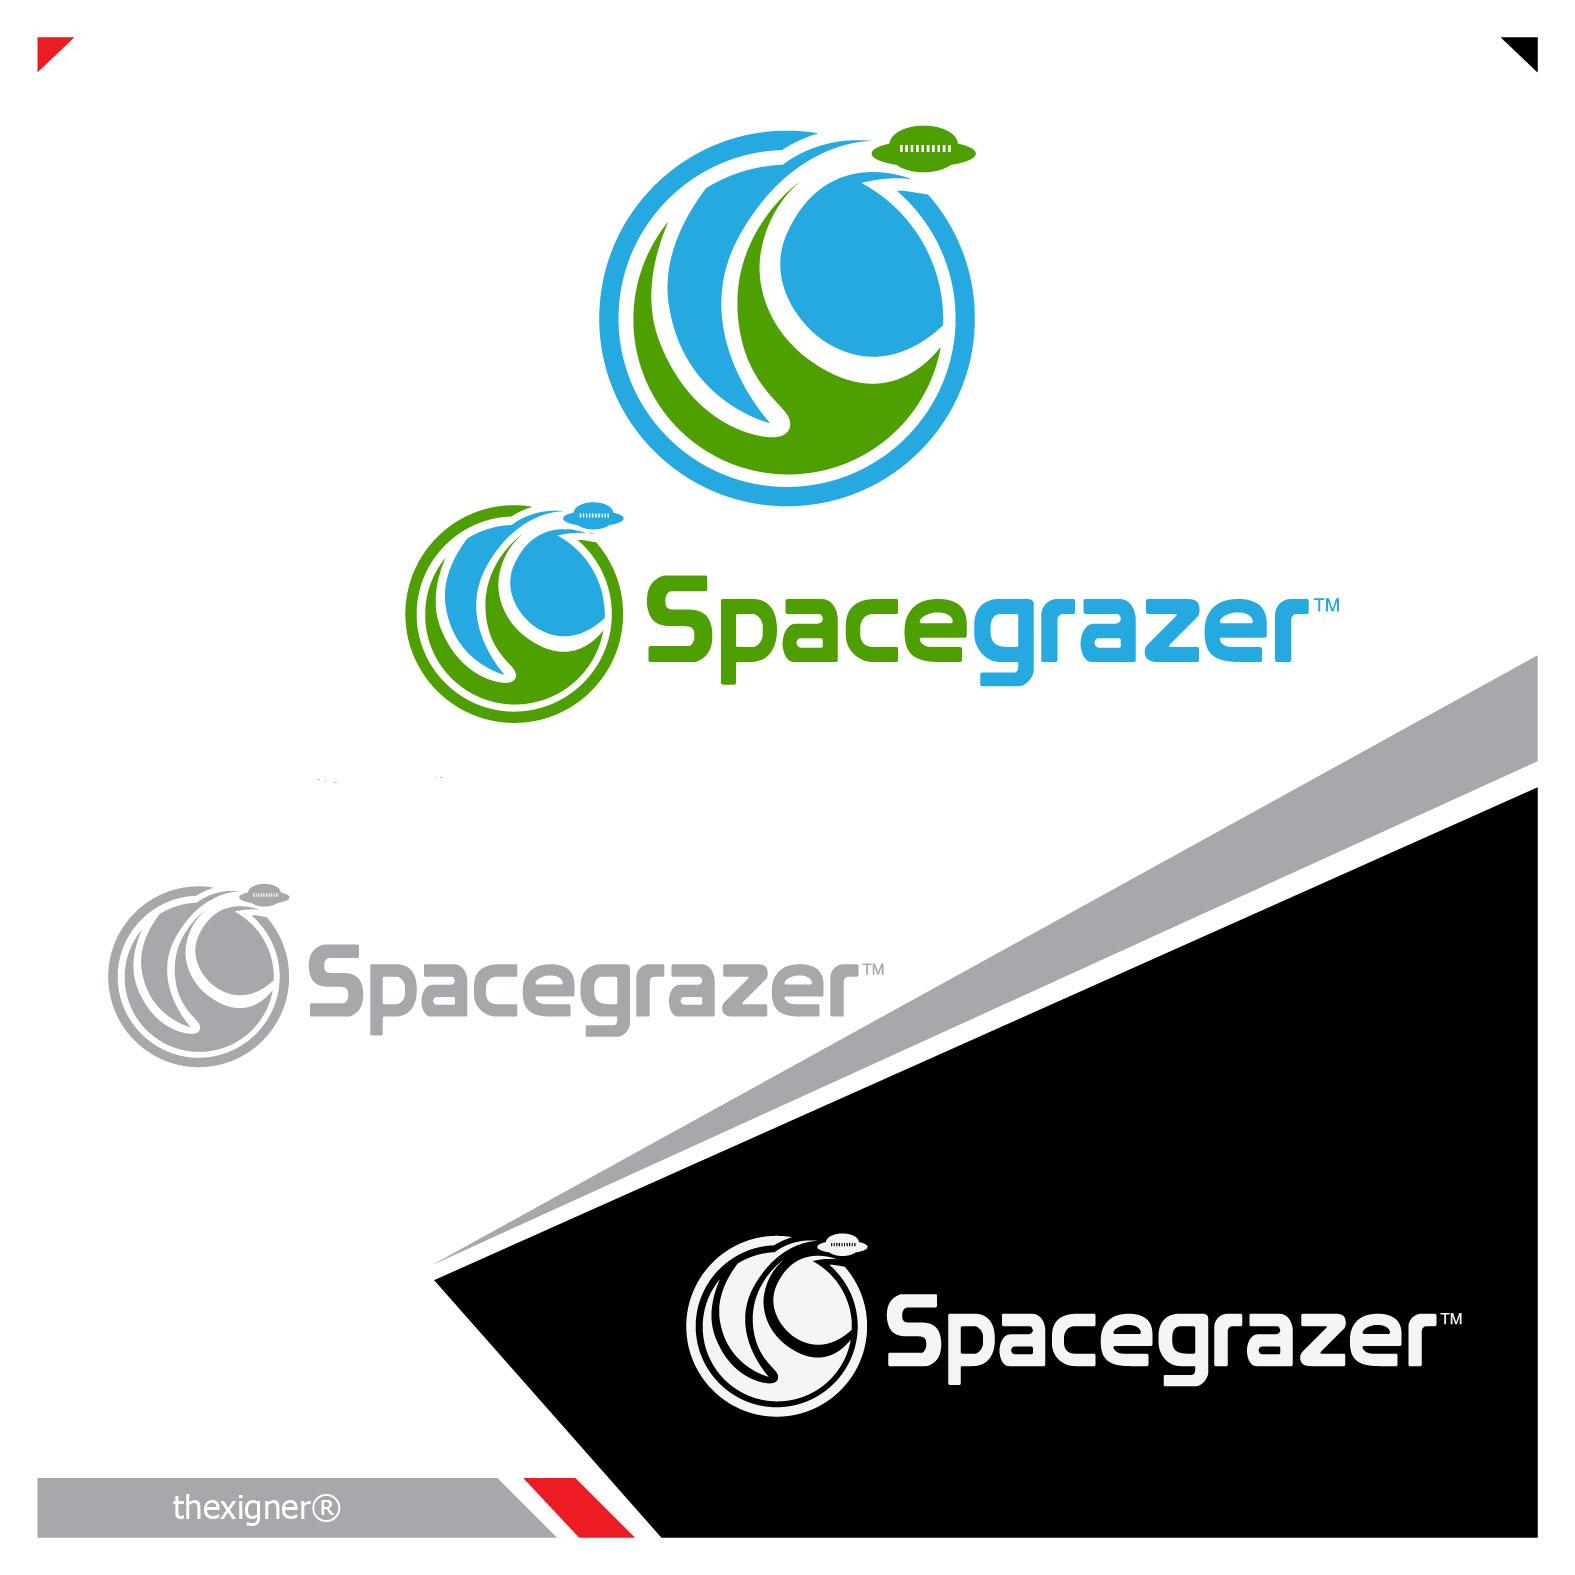 Logo Design by lagalag - Entry No. 150 in the Logo Design Contest Fun Logo Design for Spacegrazer.